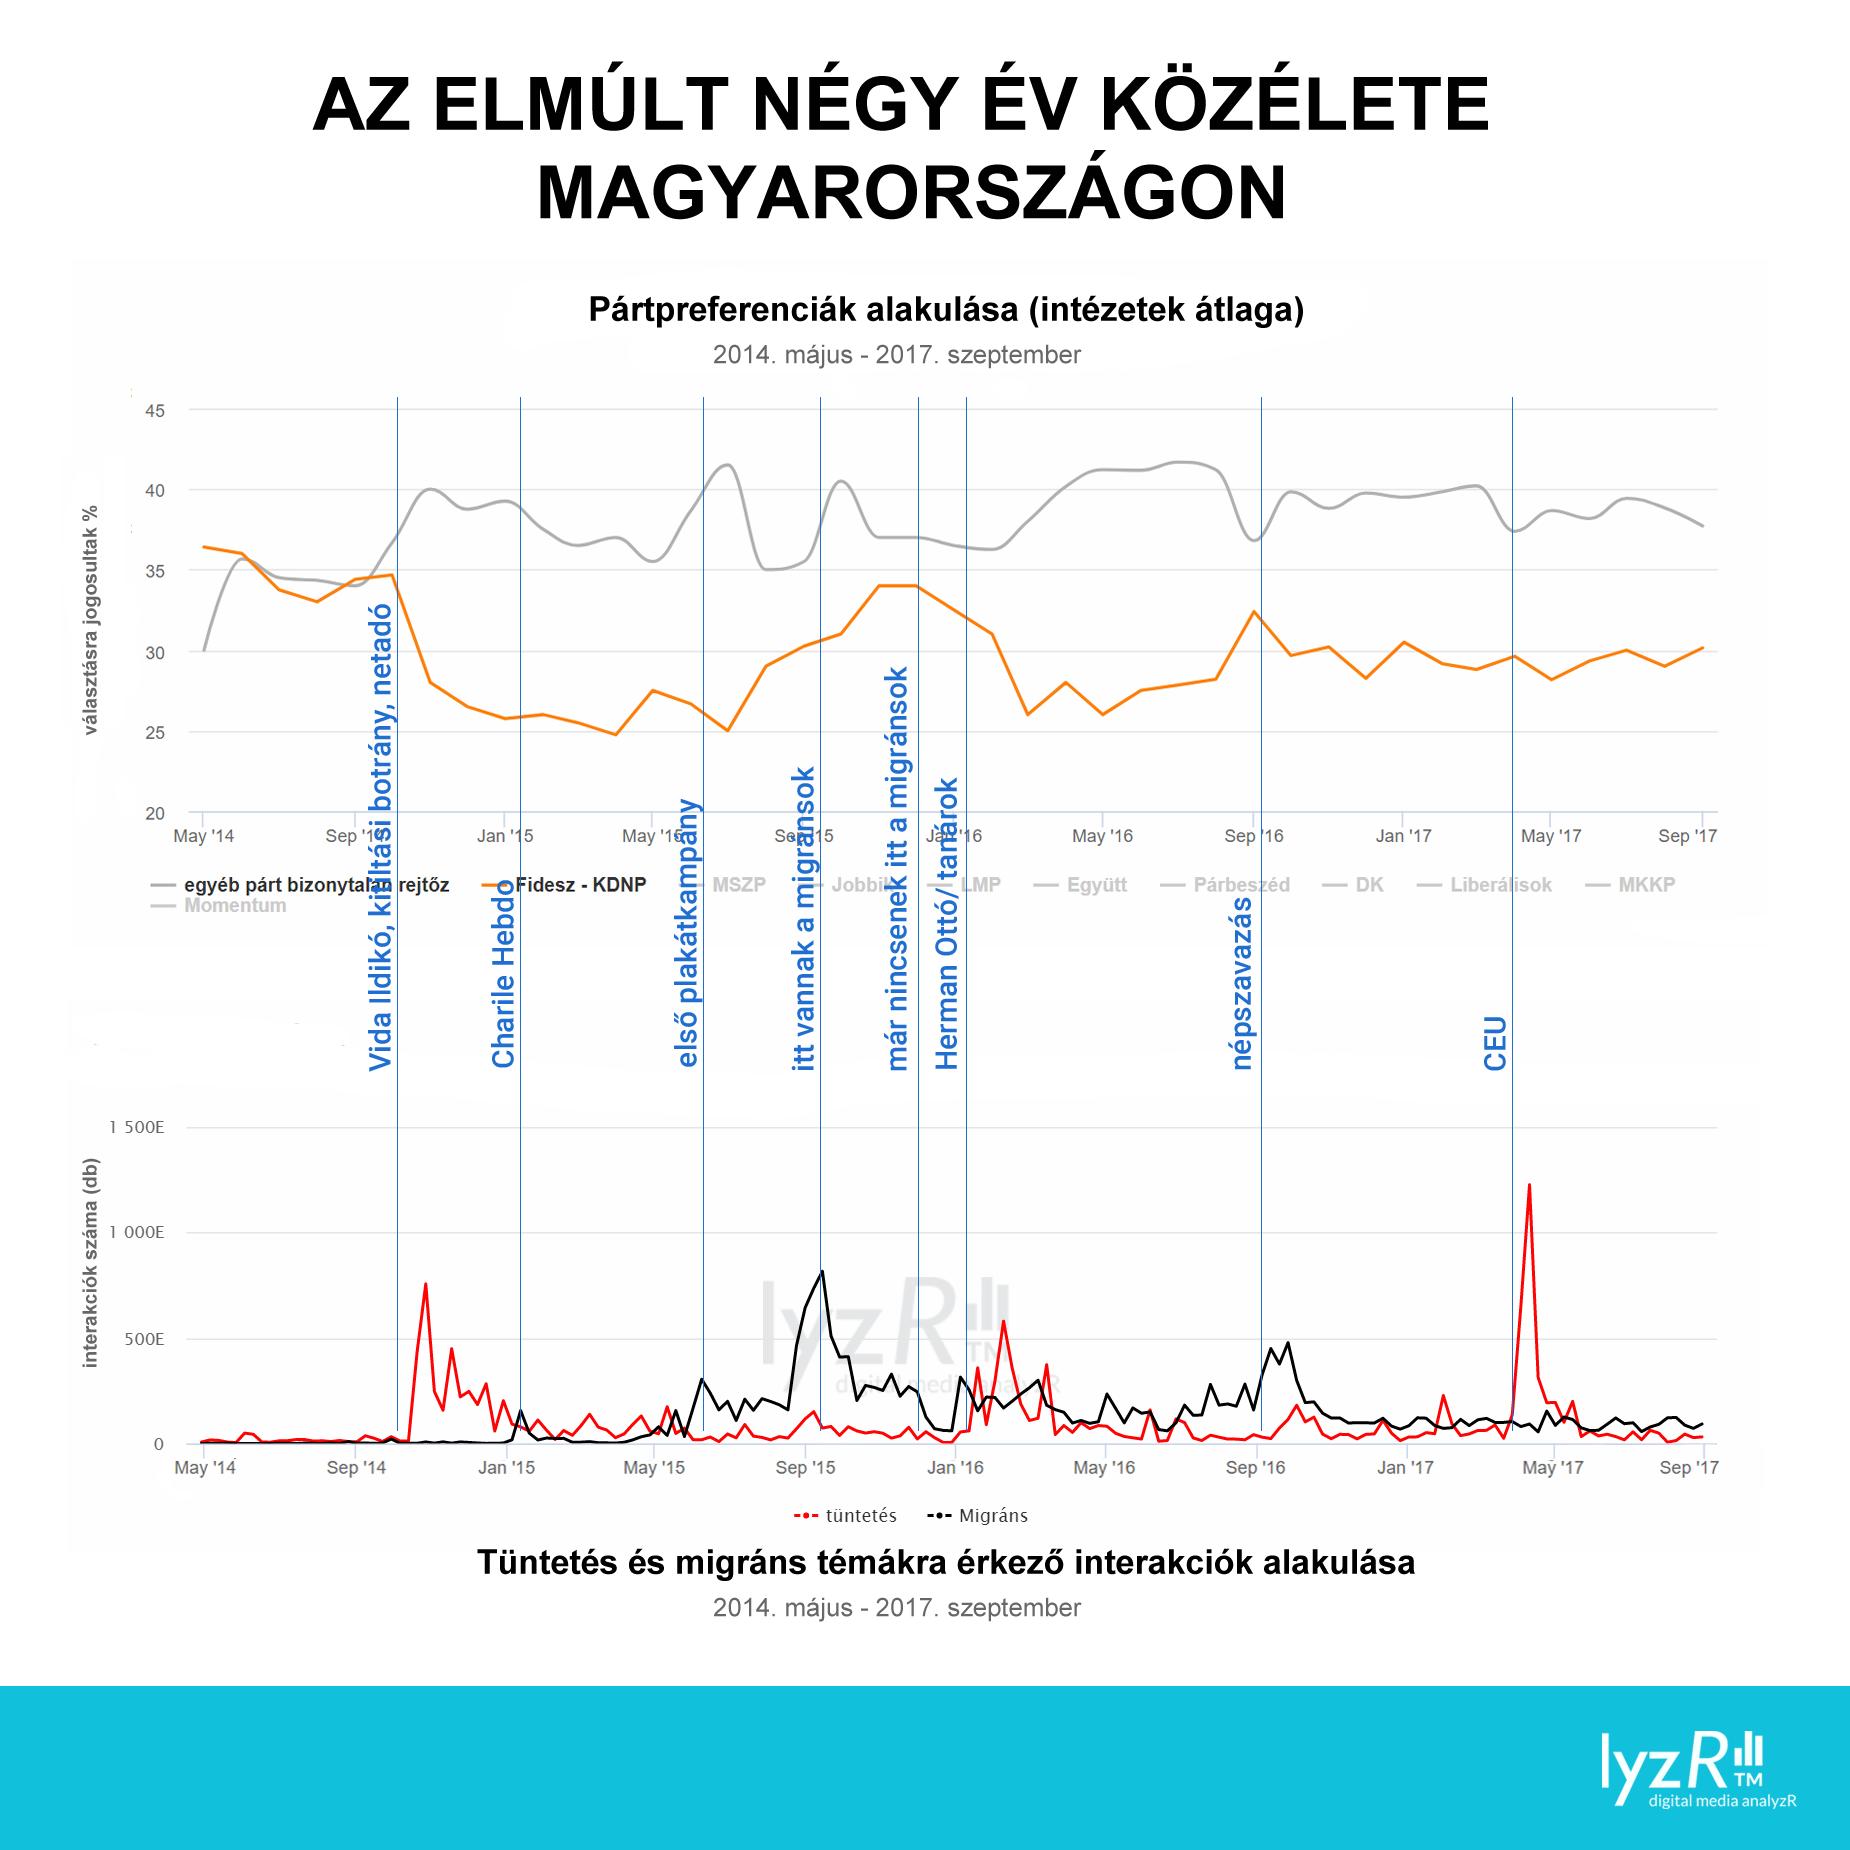 4ev_kozelet_lyzr.png